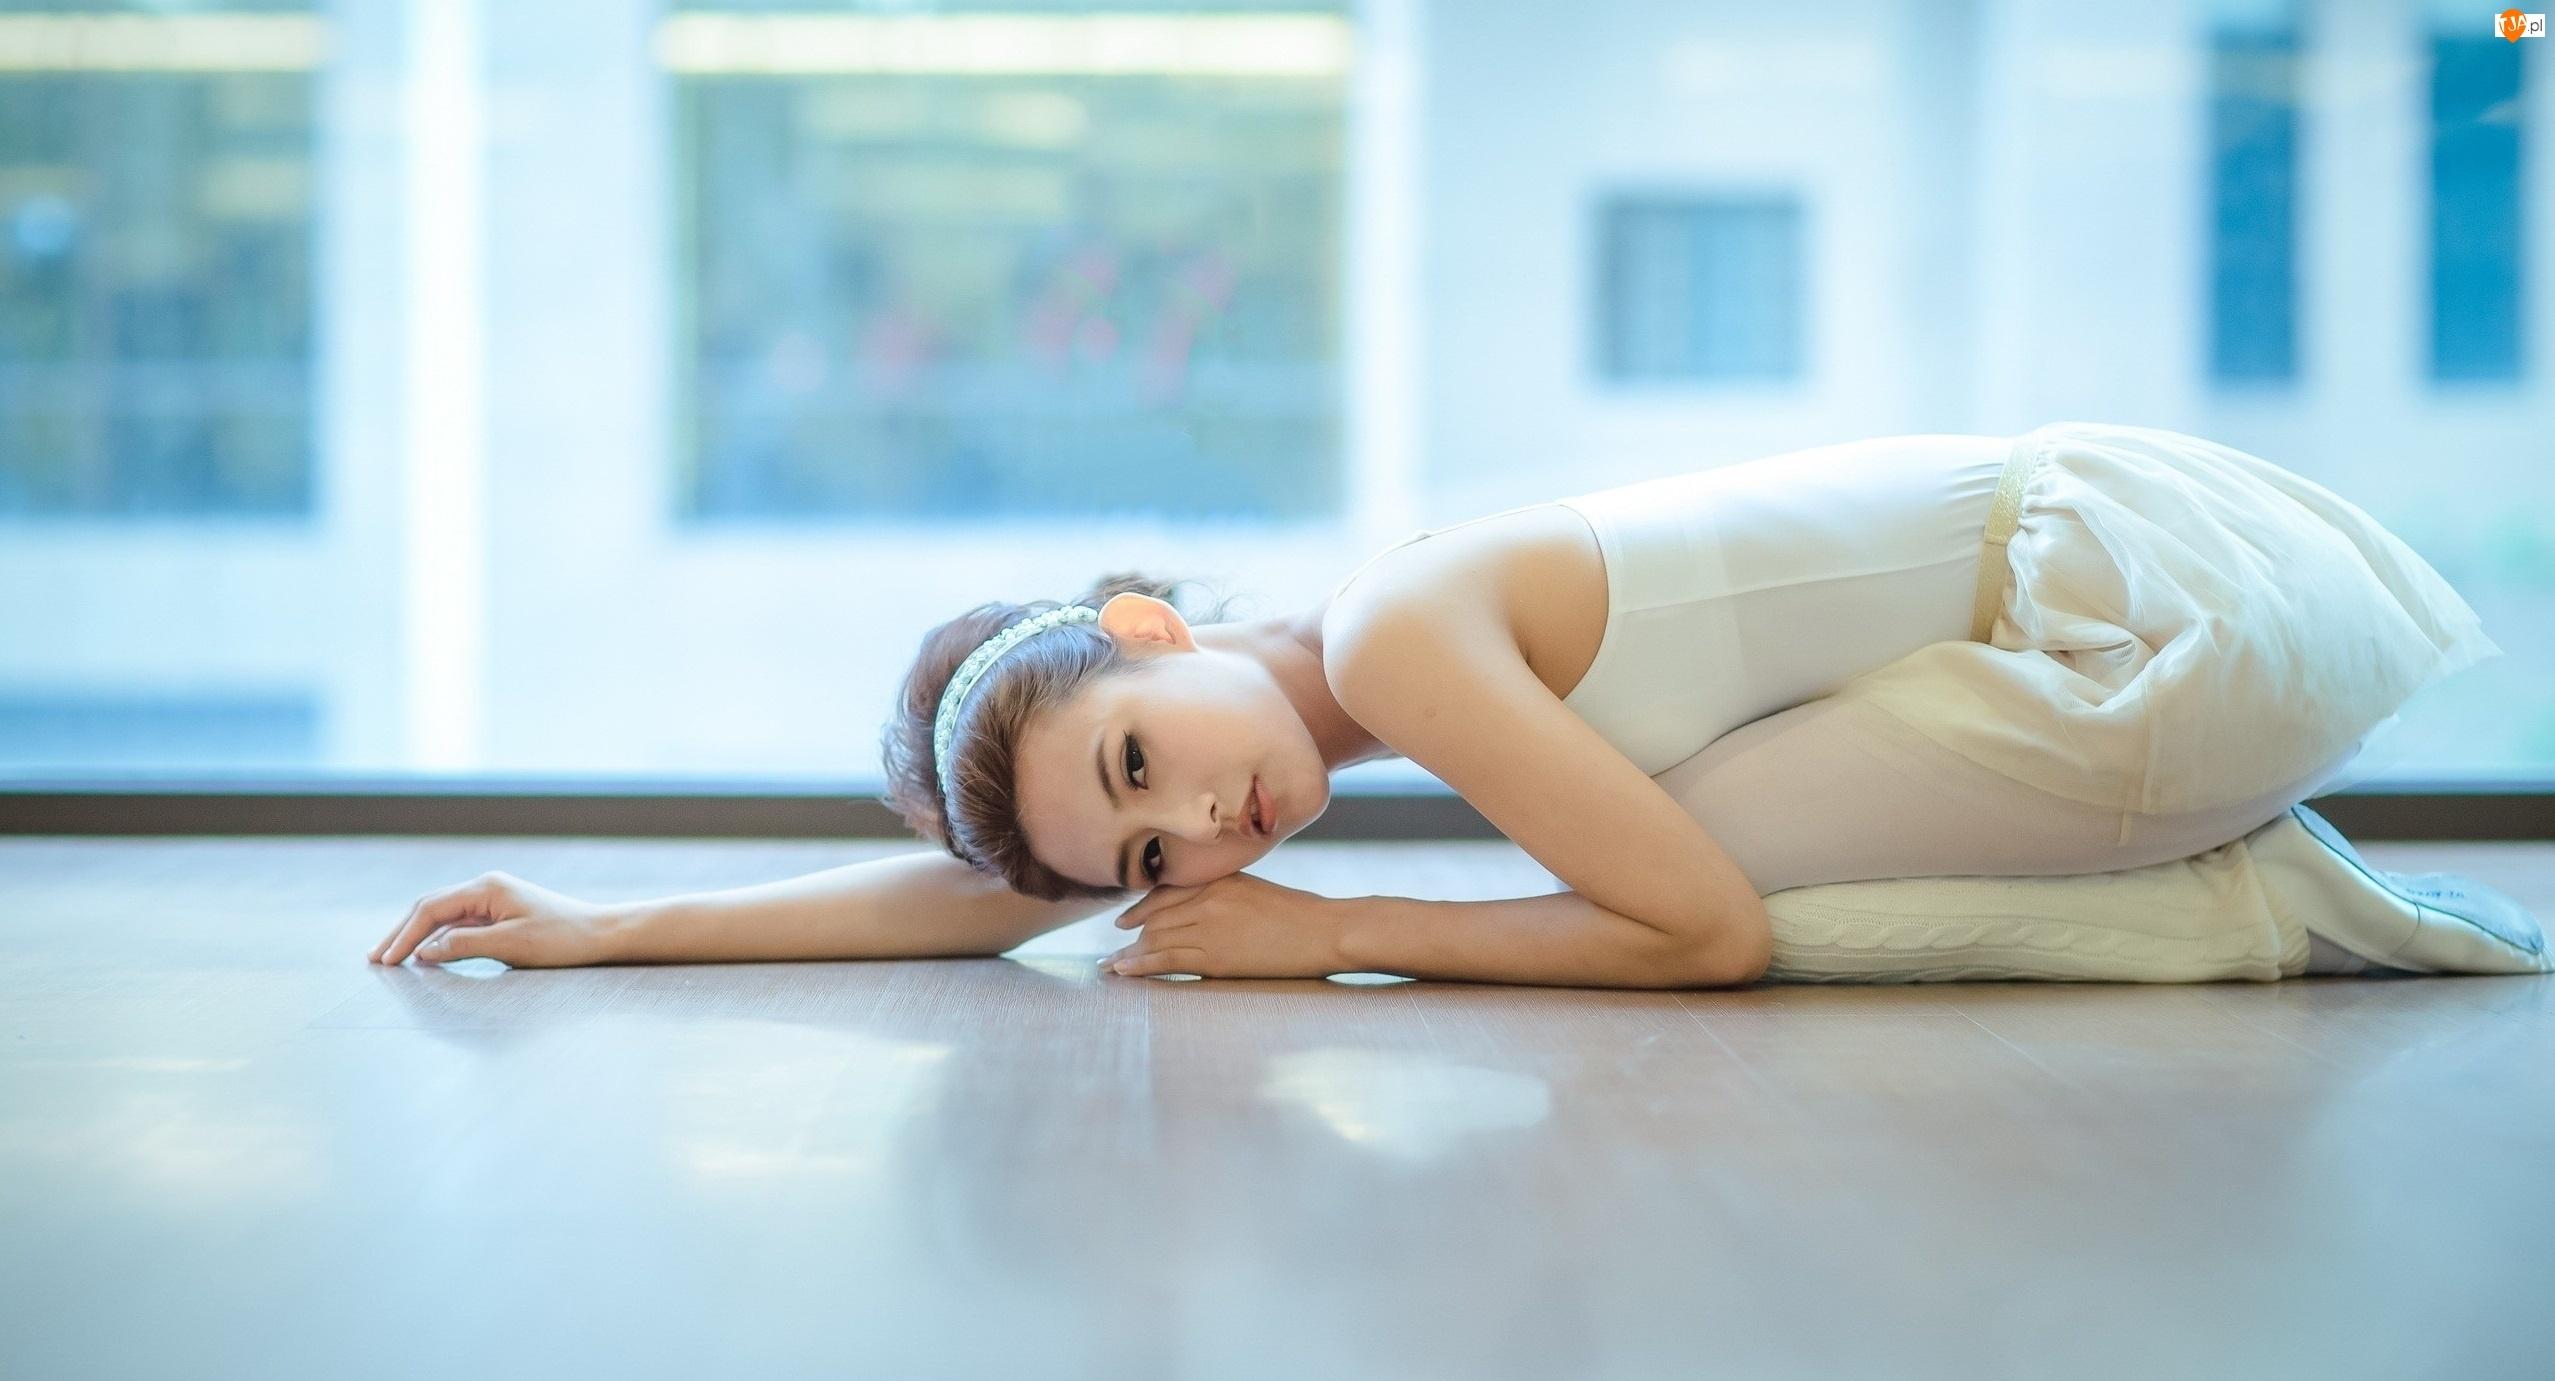 Baletnica, Dziewczyna, Azjatka